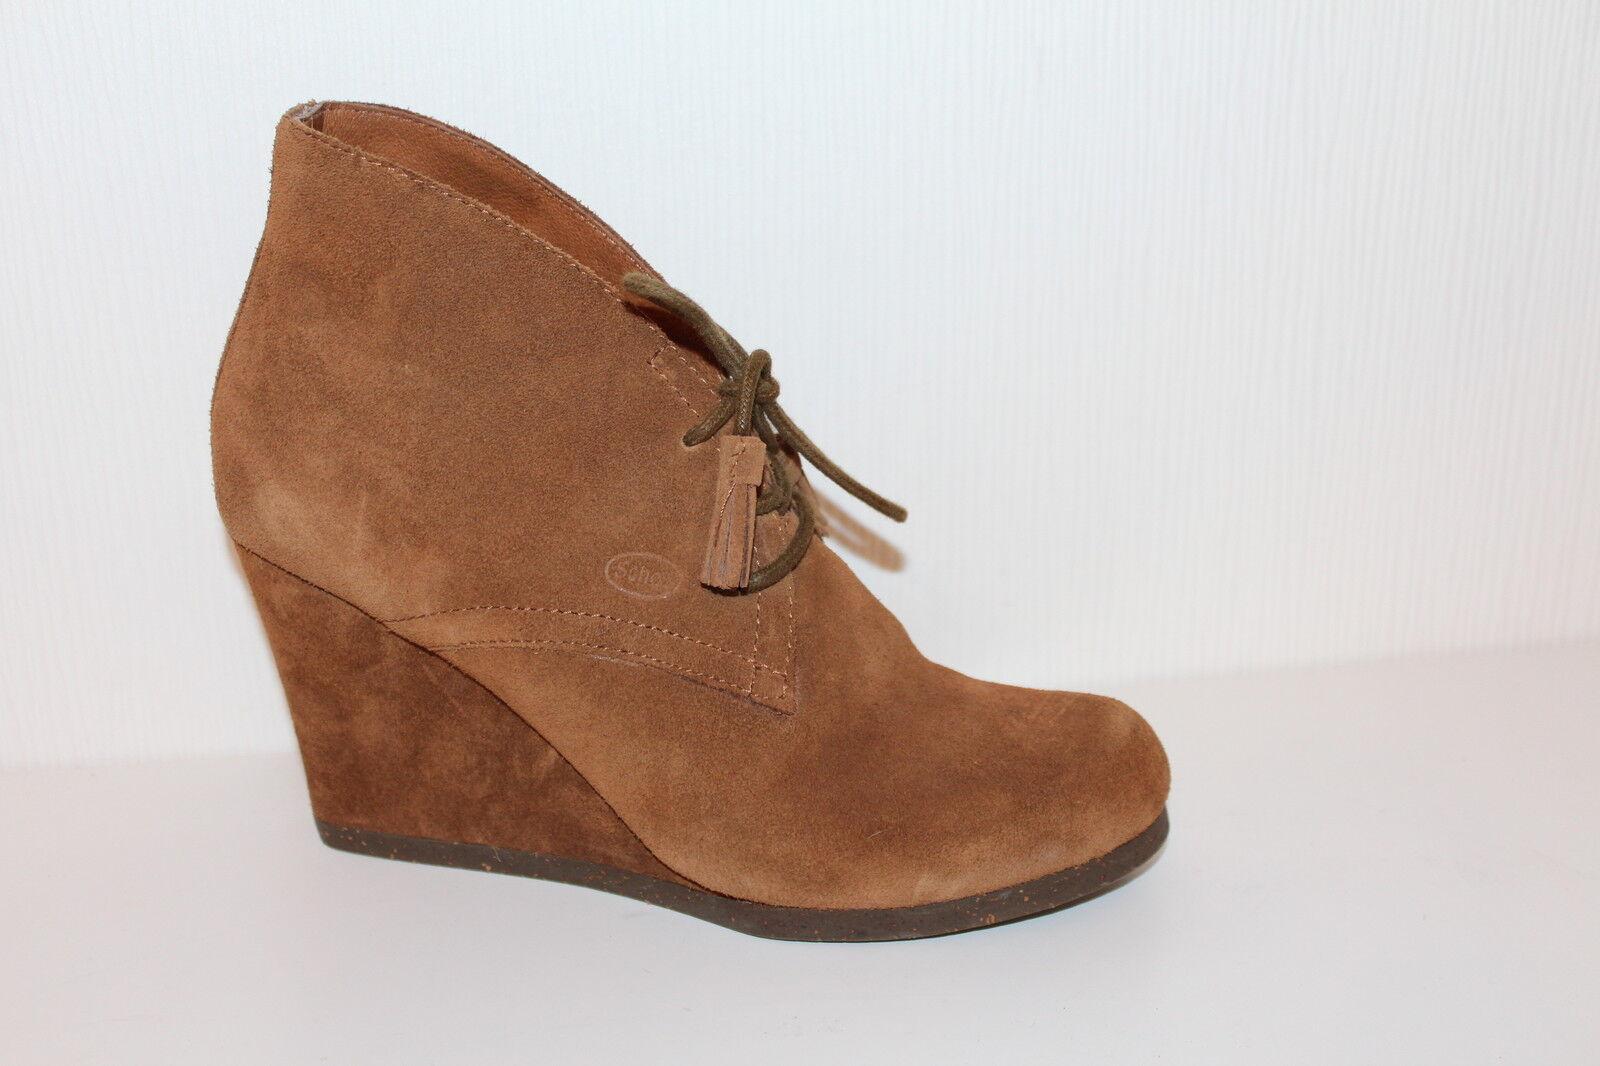 Marco Polo marc O 'Polo cuero Zapatos señora Brogues Lace up pumps 36 tacón alto